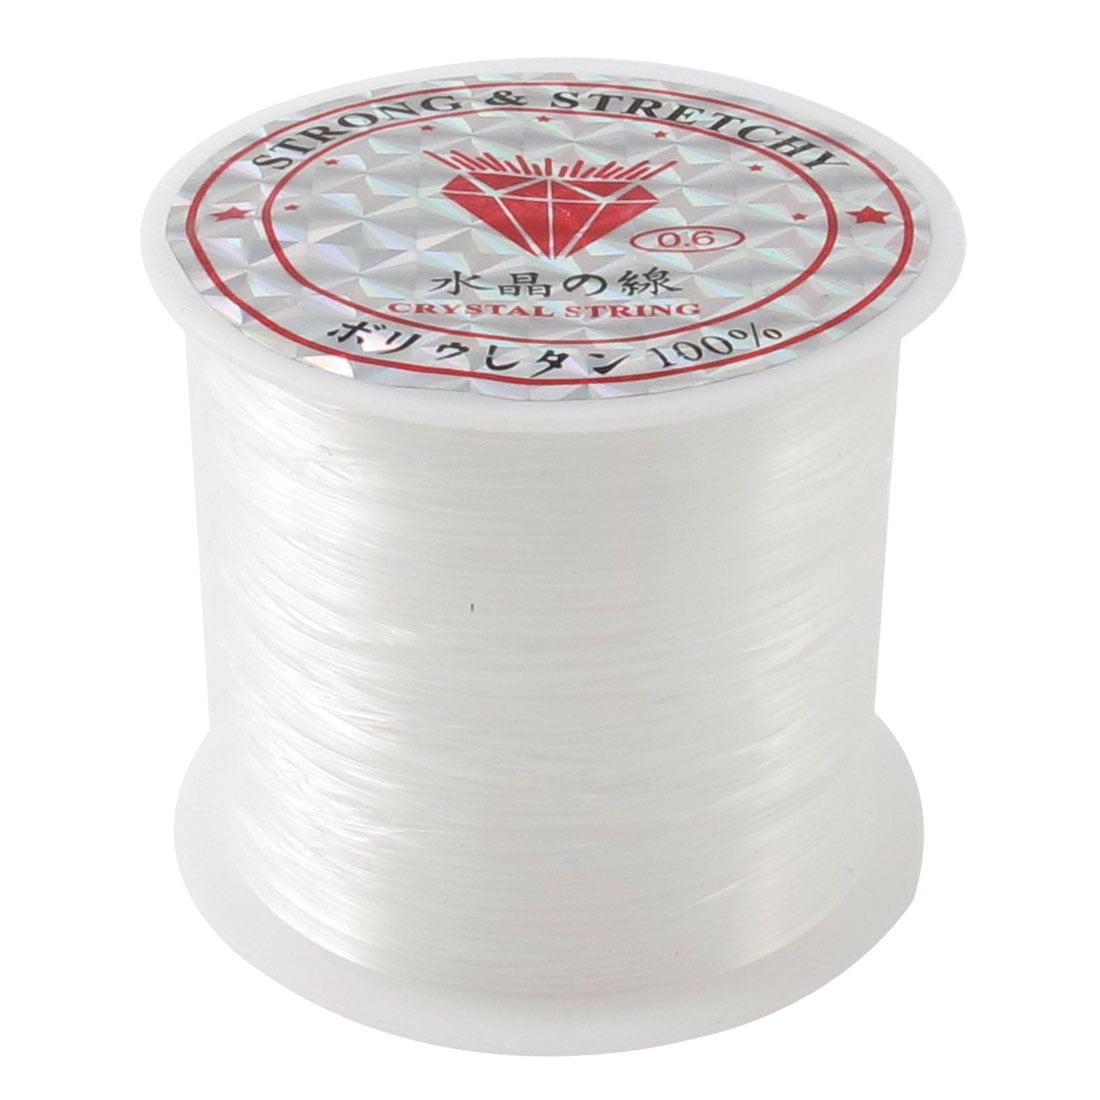 Unique Bargains 18Yds/16M 0.6# Beading Thread Nylon Spool Fishing Line